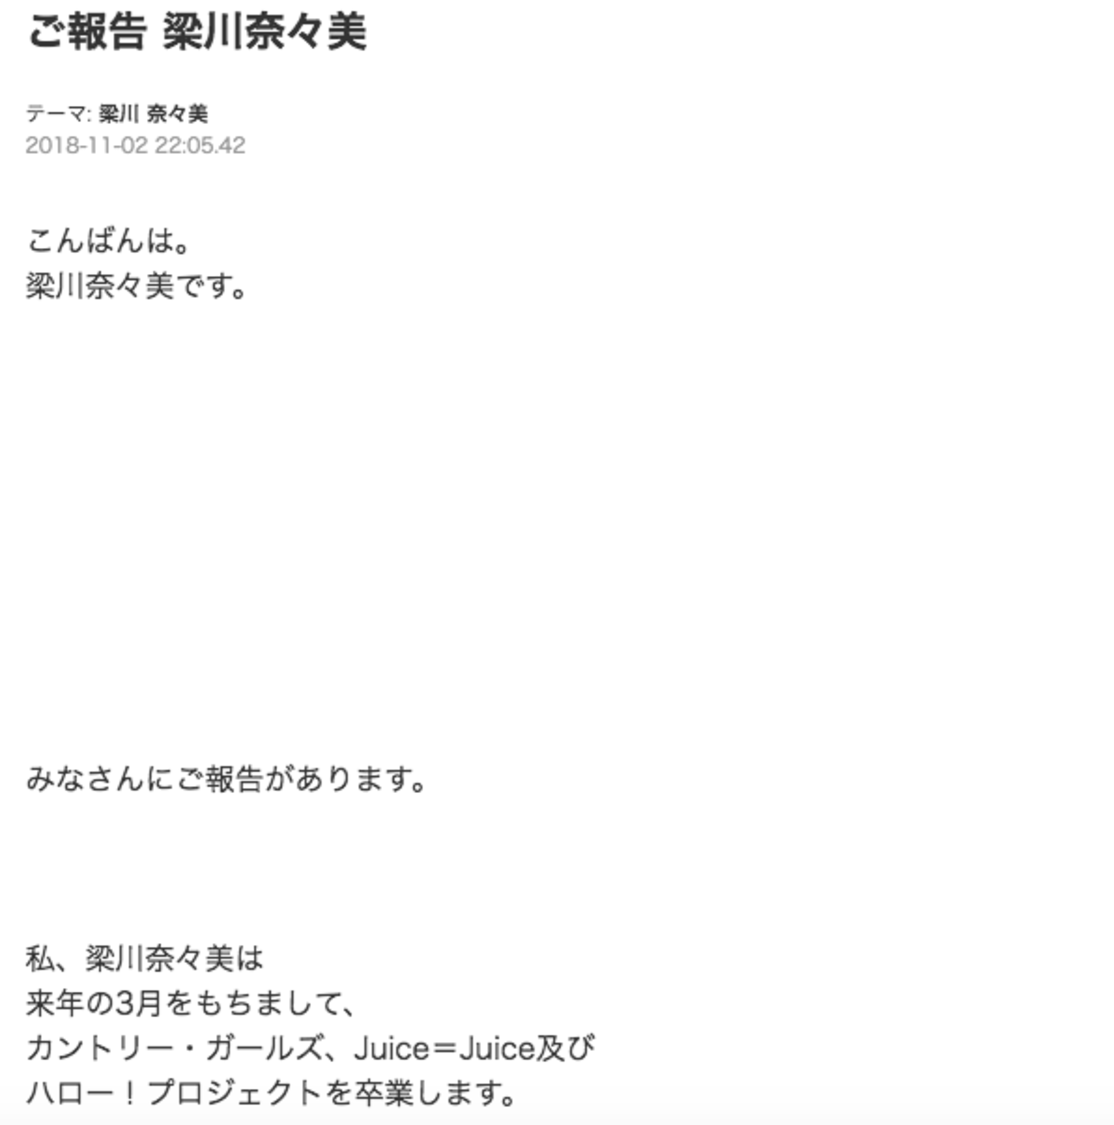 引用:Juice=Juiceオフィシャルブログより